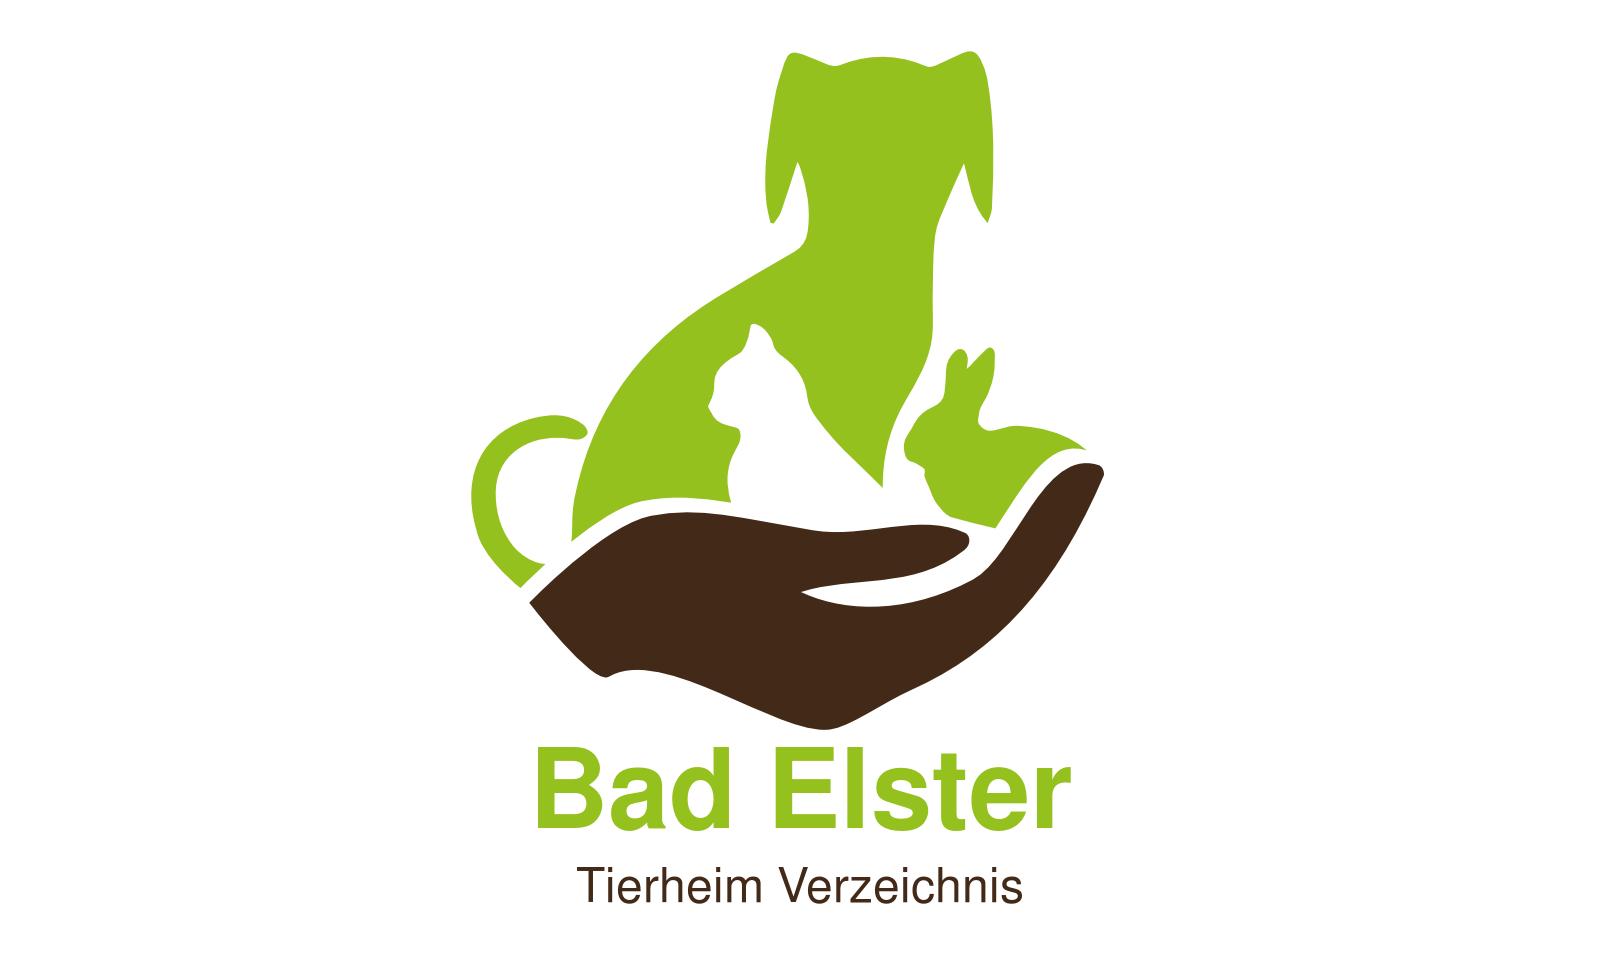 Tierheim Bad Elster